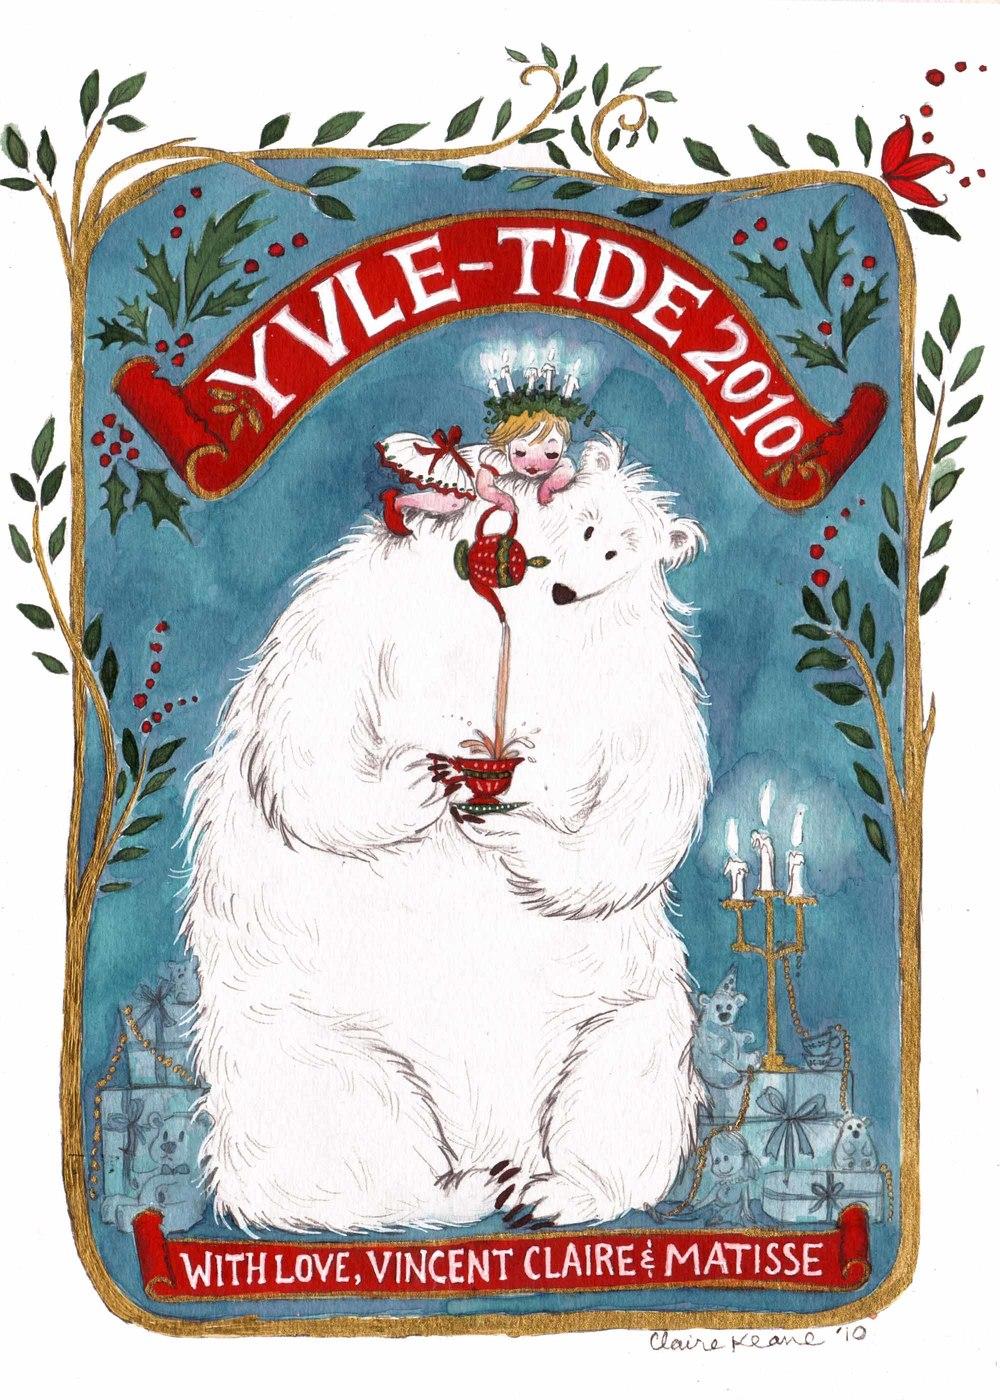 yule+tide-mery+christmas.jpg